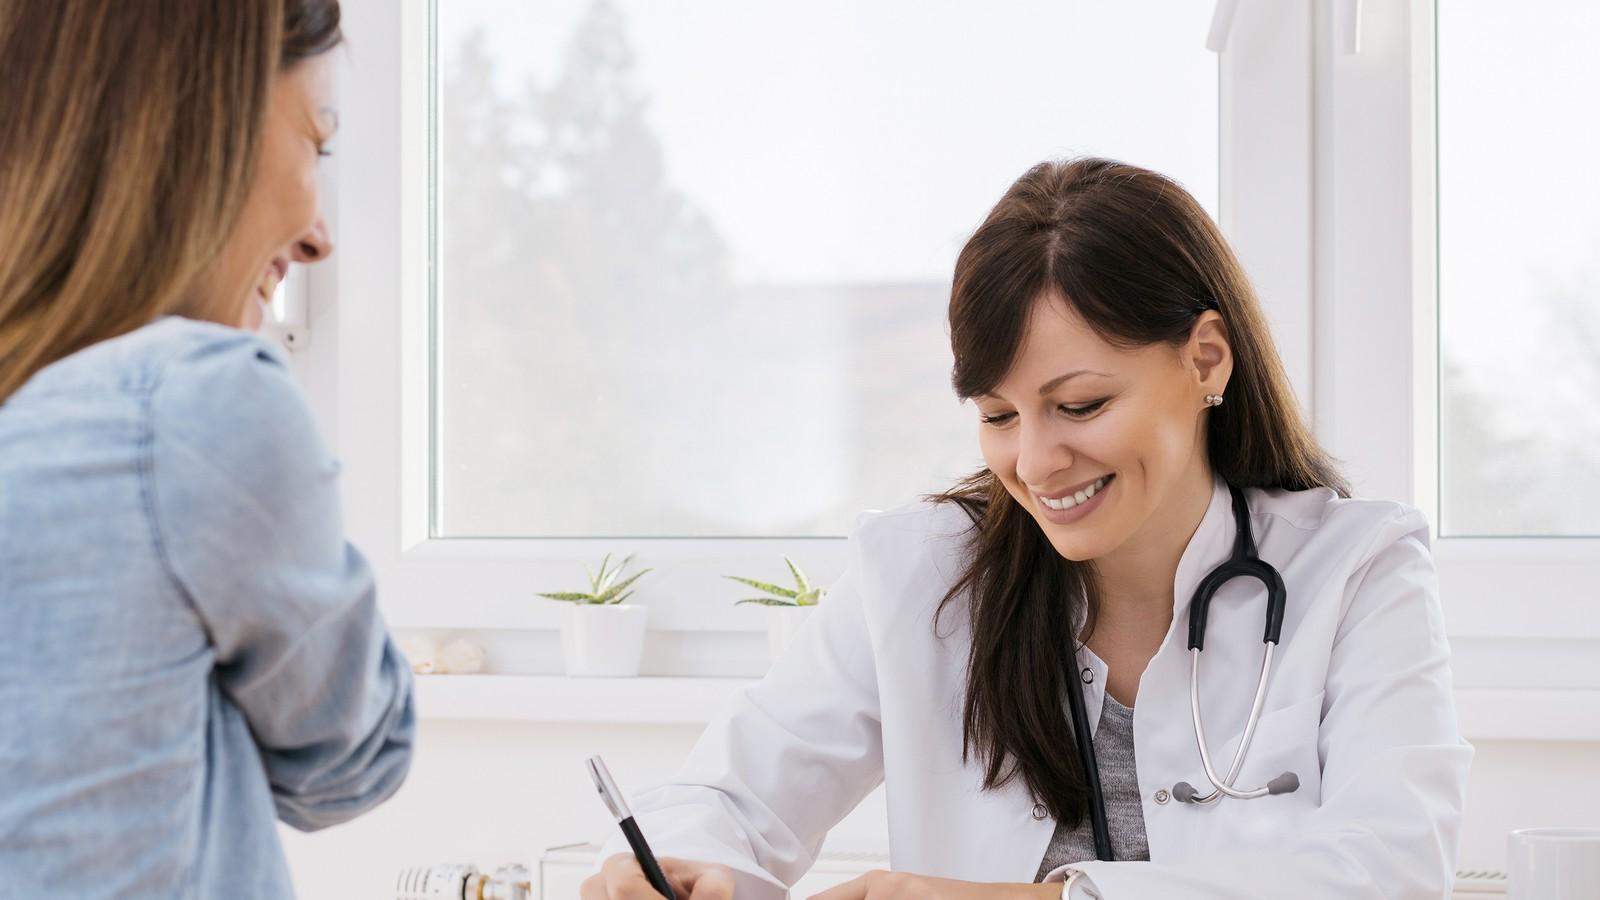 Bei diesen Fragen solltest du den Frauenarzt niemals